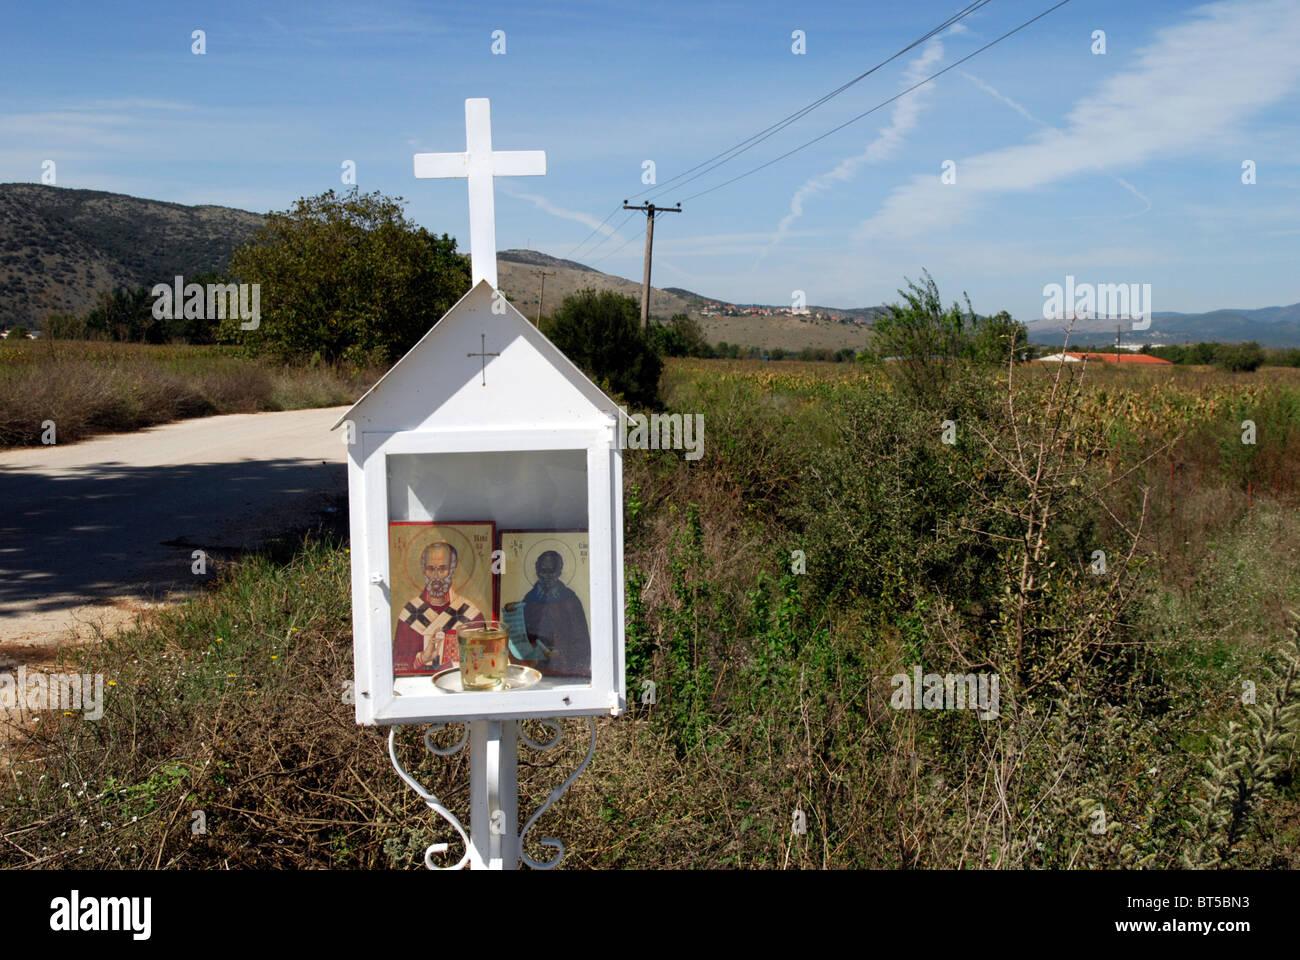 Bildstock in der Nähe von Rodotopi in der Region von Ioannina von Epirus, Griechenland. Stockbild